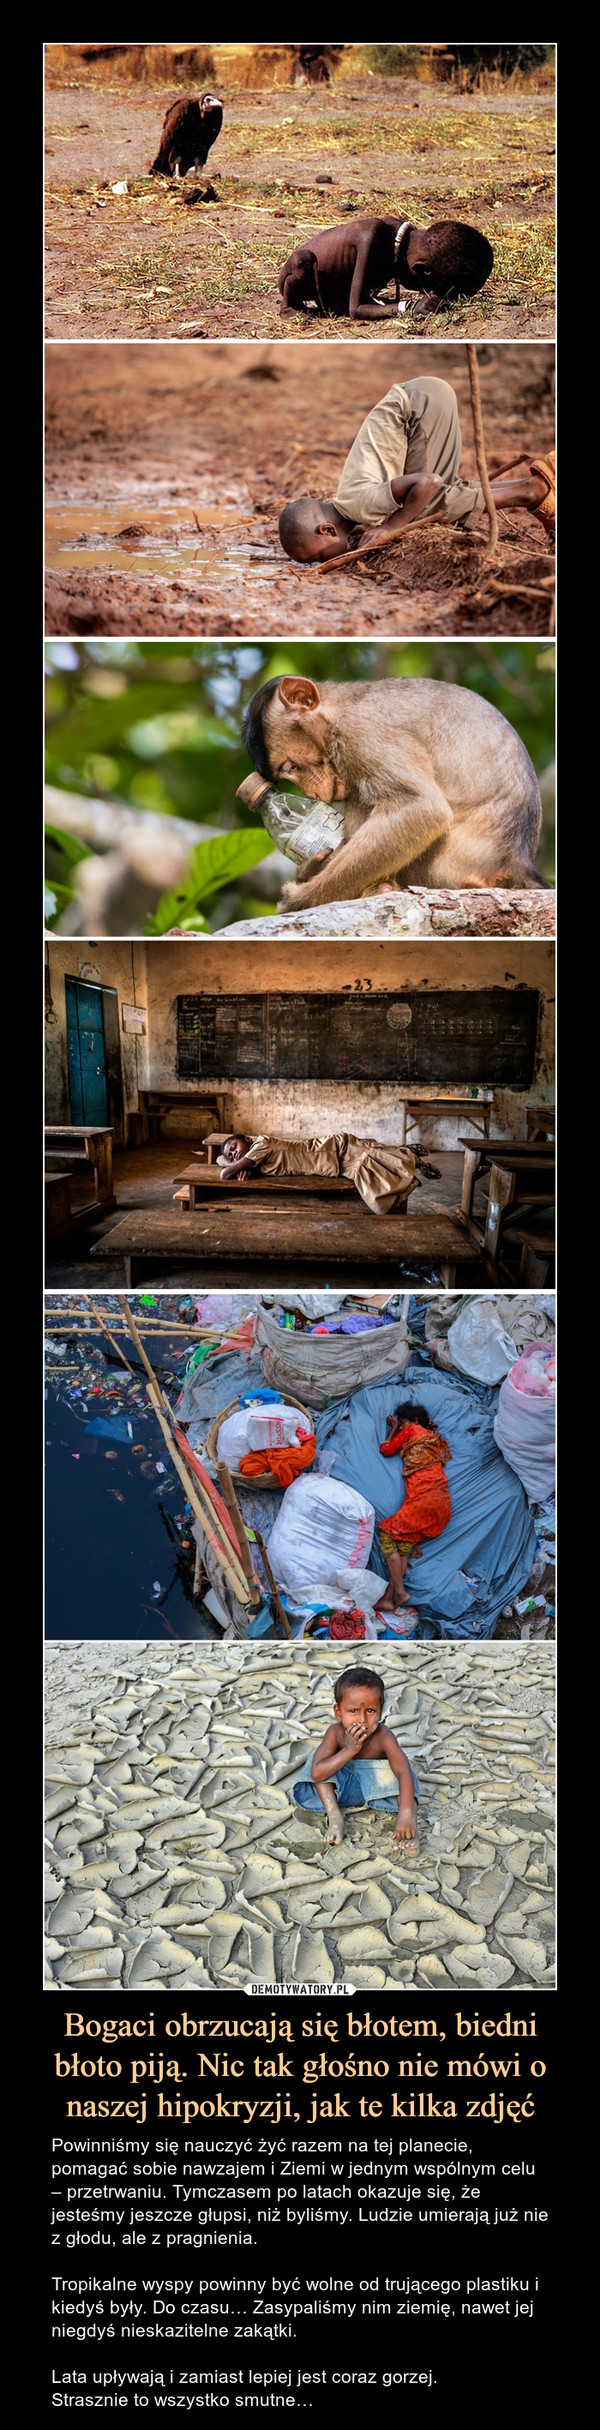 Bogaci obrzucają się błotem, biedni błoto piją. Nic tak głośno nie mówi o naszej hipokryzji, jak te kilka zdjęć – Powinniśmy się nauczyć żyć razem na tej planecie, pomagać sobie nawzajem i Ziemi w jednym wspólnym celu – przetrwaniu. Tymczasem po latach okazuje się, że jesteśmy jeszcze głupsi, niż byliśmy. Ludzie umierają już nie z głodu, ale z pragnienia. Tropikalne wyspy powinny być wolne od trującego plastiku i kiedyś były. Do czasu… Zasypaliśmy nim ziemię, nawet jej niegdyś nieskazitelne zakątki. Lata upływają i zamiast lepiej jest coraz gorzej.Strasznie to wszystko smutne…